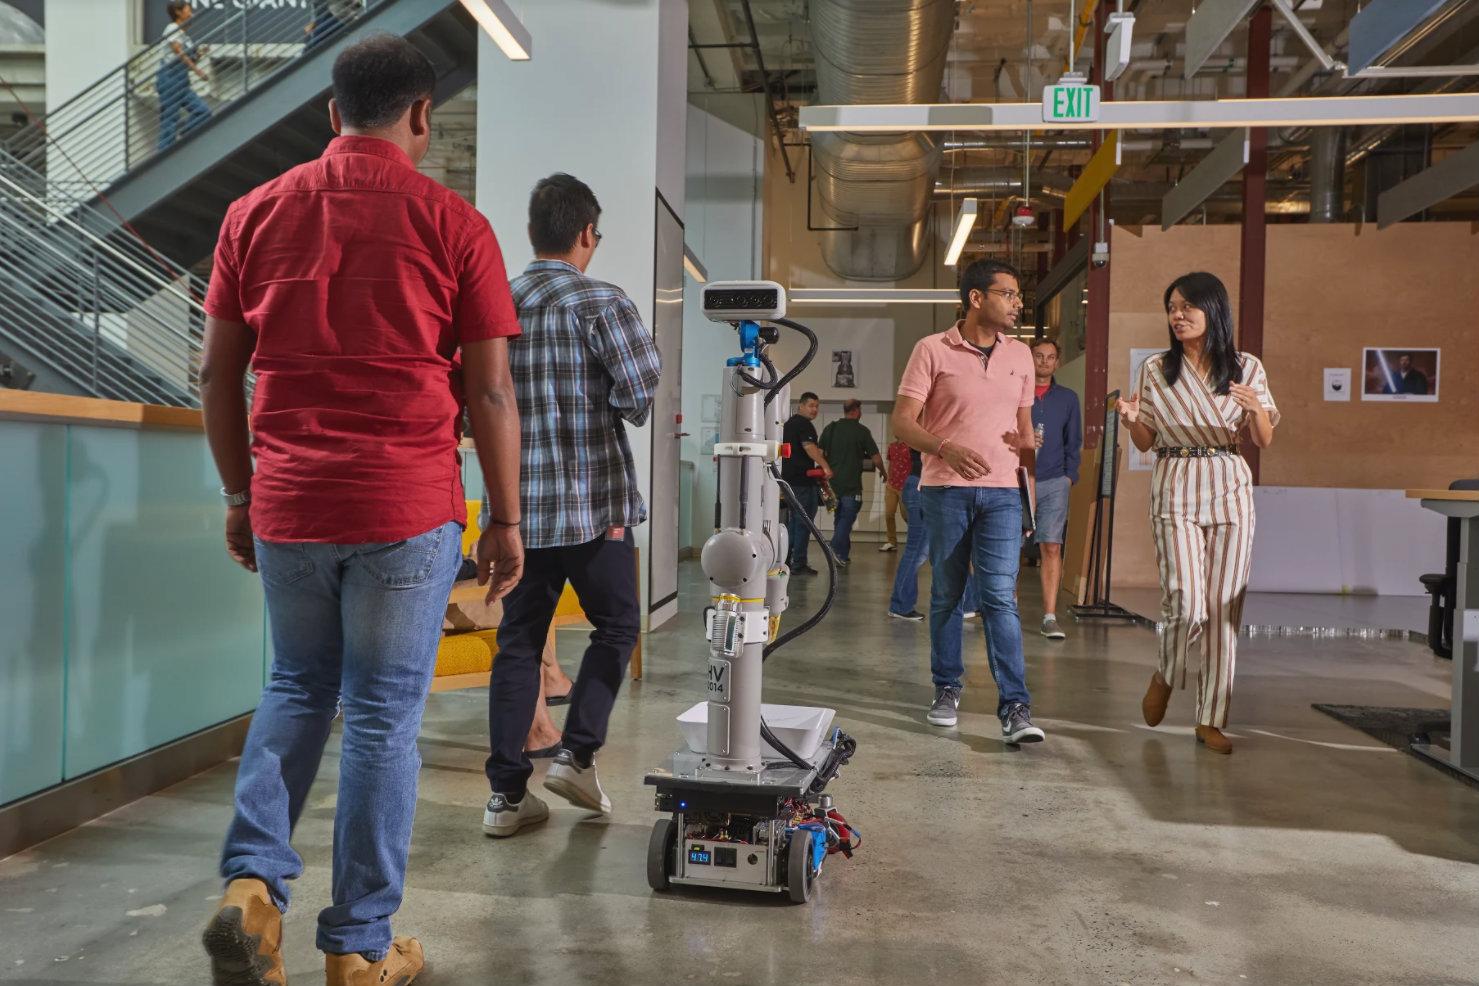 Alphabet de nouveau dans la course aux robots… pour la vie quotidienne